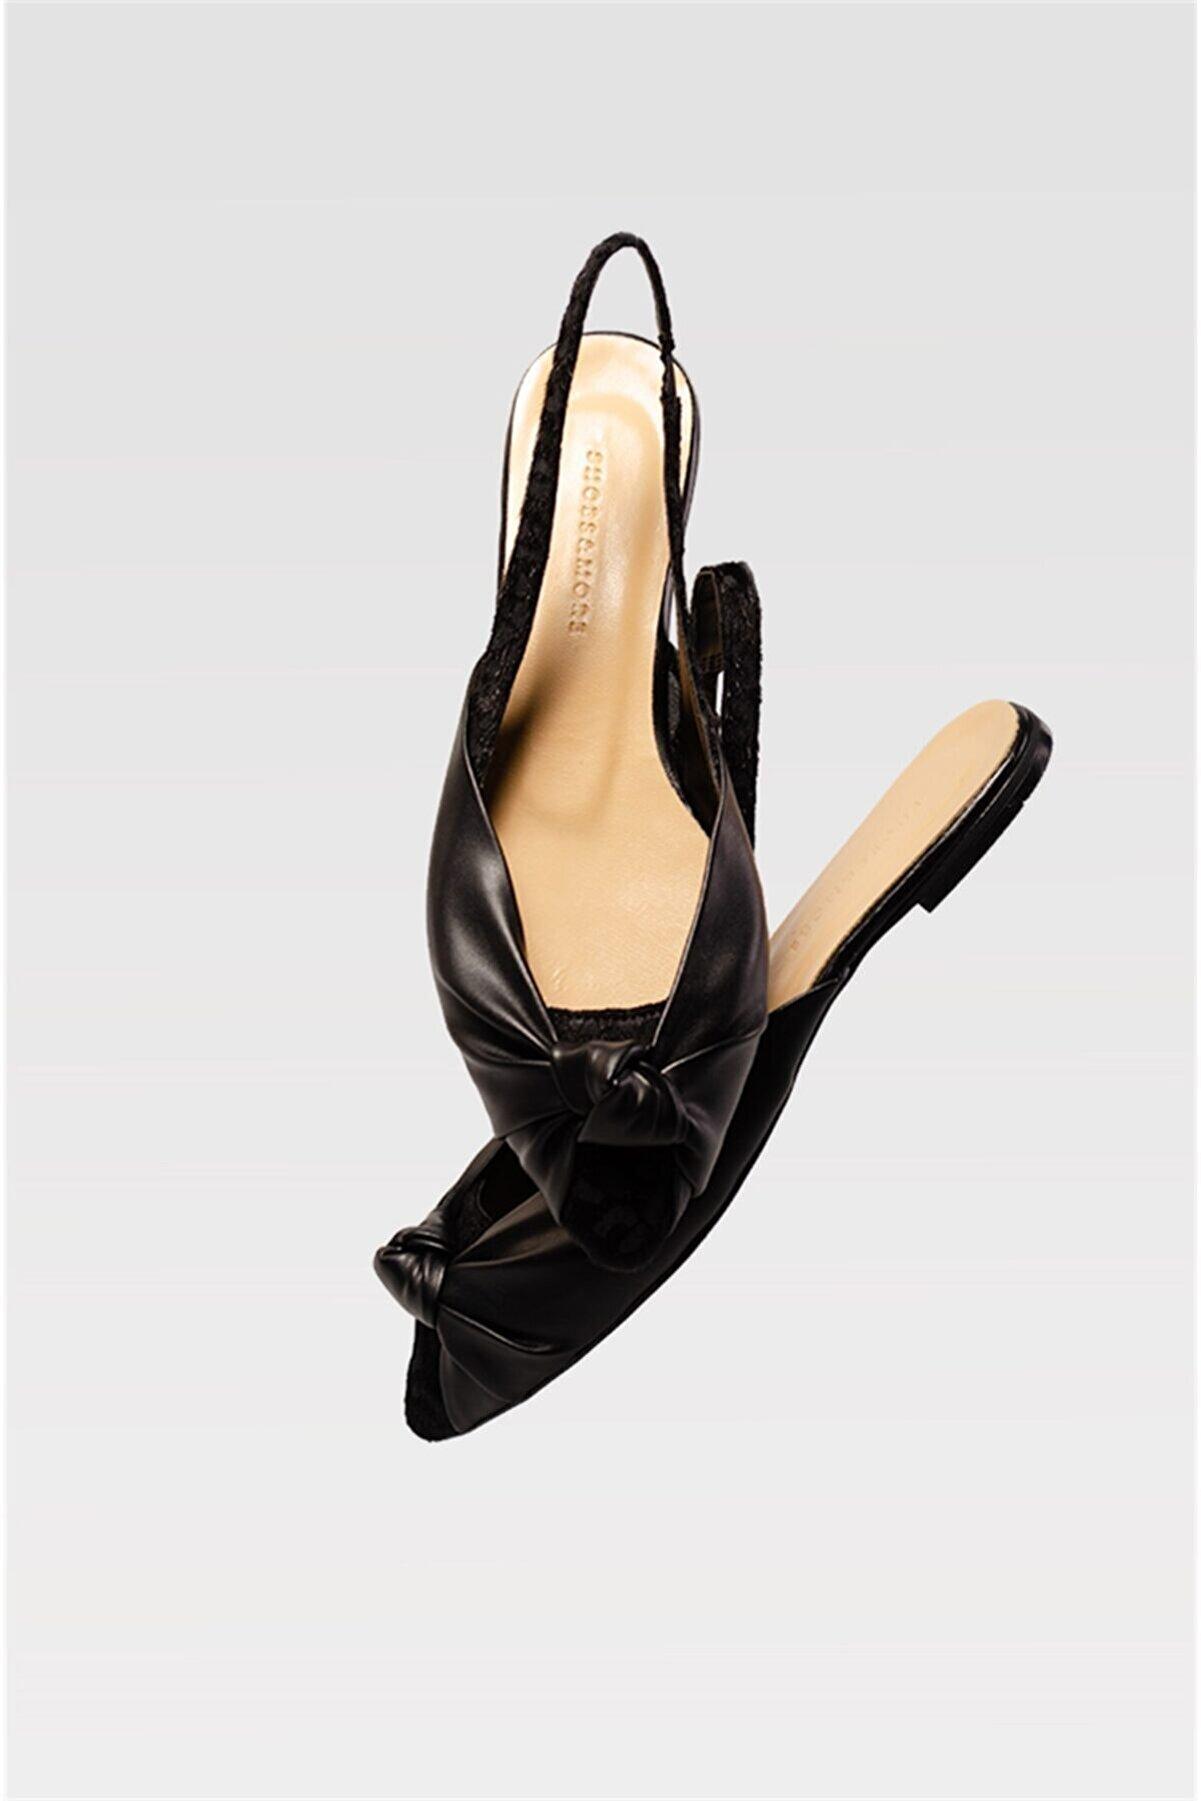 Shoes & More Kadın Siyah Babet